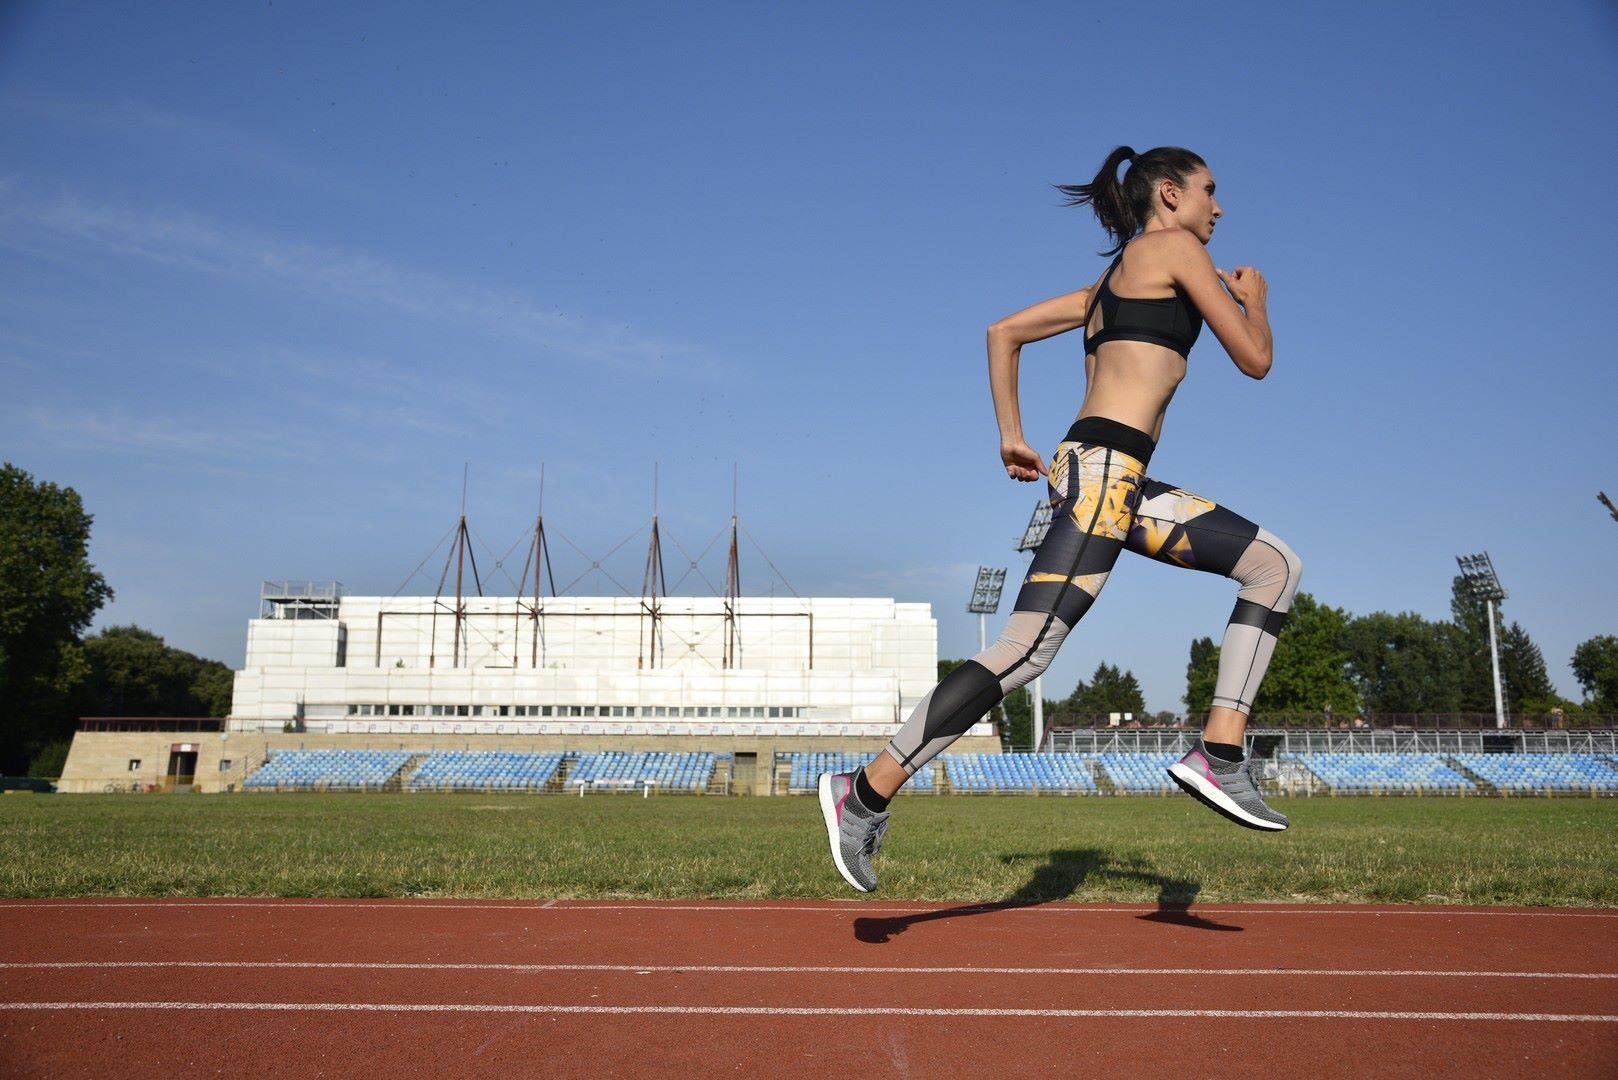 HRVATSKA OLIMPIJKA MATEA MATOŠEVIĆ: Brač Run dio je priprema za ZG maraton